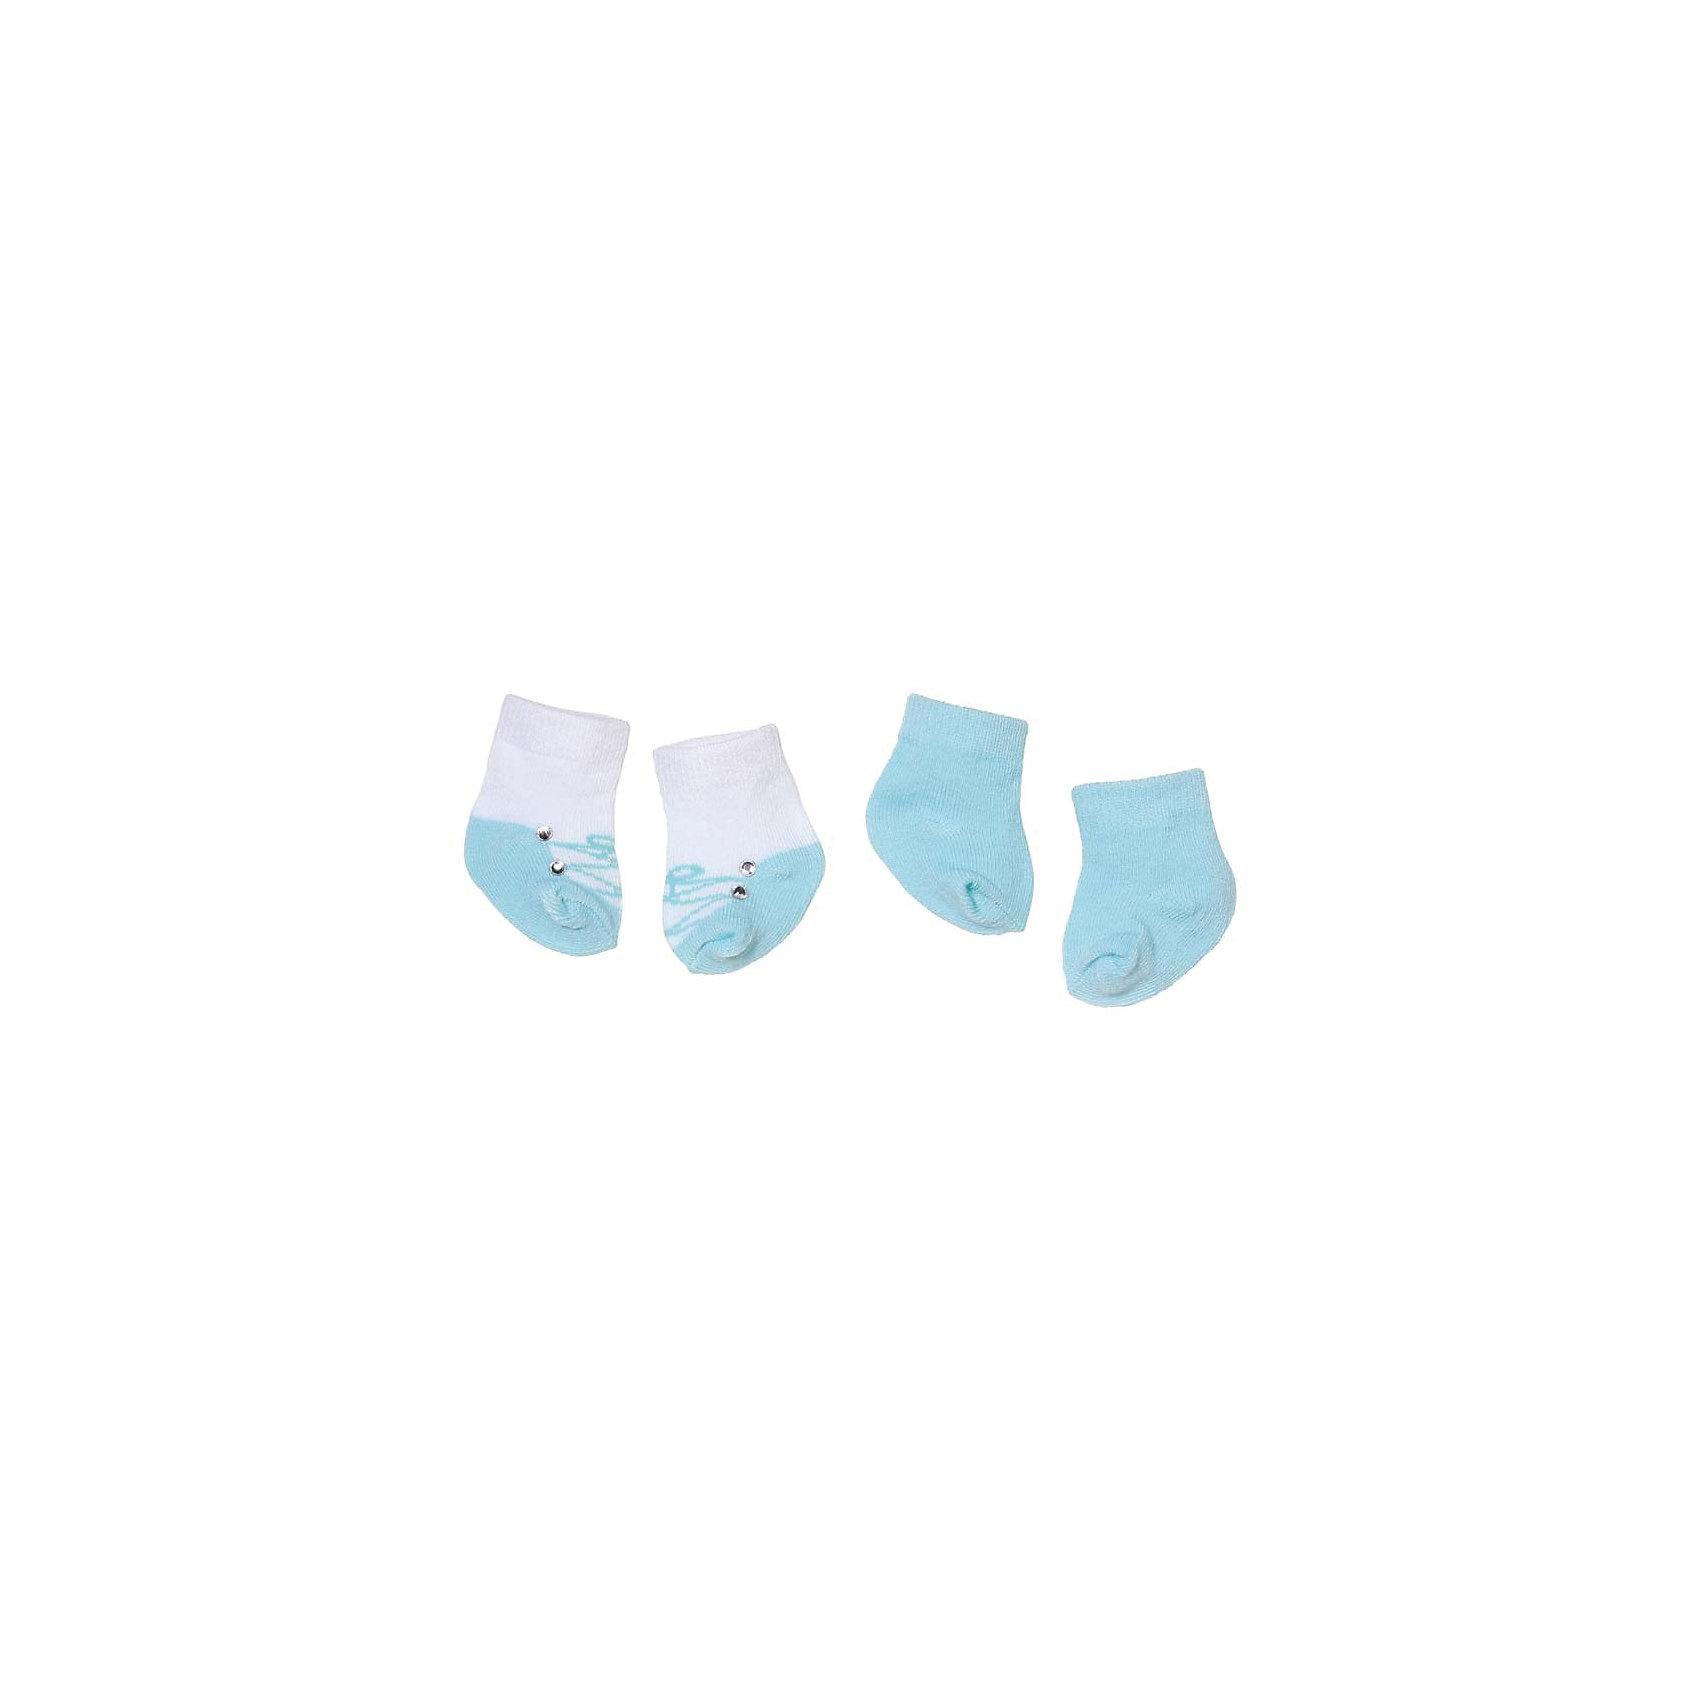 Носочки 2 пары, голубые, Baby AnnabellБренды кукол<br>Носочки для куклы Baby Annabell, 2 пары.<br><br>Характеристики комплекта Zapf Creation:<br><br>• количество в упаковке: 2 пары;<br>• цвет: голубой и белый с голубым;<br>• особенность носочков: тянутся;<br>• носочки предназначены для кукол высотой 46 см;<br>• материал: мягкий текстиль;<br>• размер упаковки: 18х1х13 см;<br>• вес упаковки: 50 г.<br><br>Носочки 2 пары, голубые, Baby Annabell можно купить в нашем интернет-магазине.<br><br>Ширина мм: 130<br>Глубина мм: 180<br>Высота мм: 10<br>Вес г: 50<br>Возраст от месяцев: 36<br>Возраст до месяцев: 2147483647<br>Пол: Женский<br>Возраст: Детский<br>SKU: 5064302